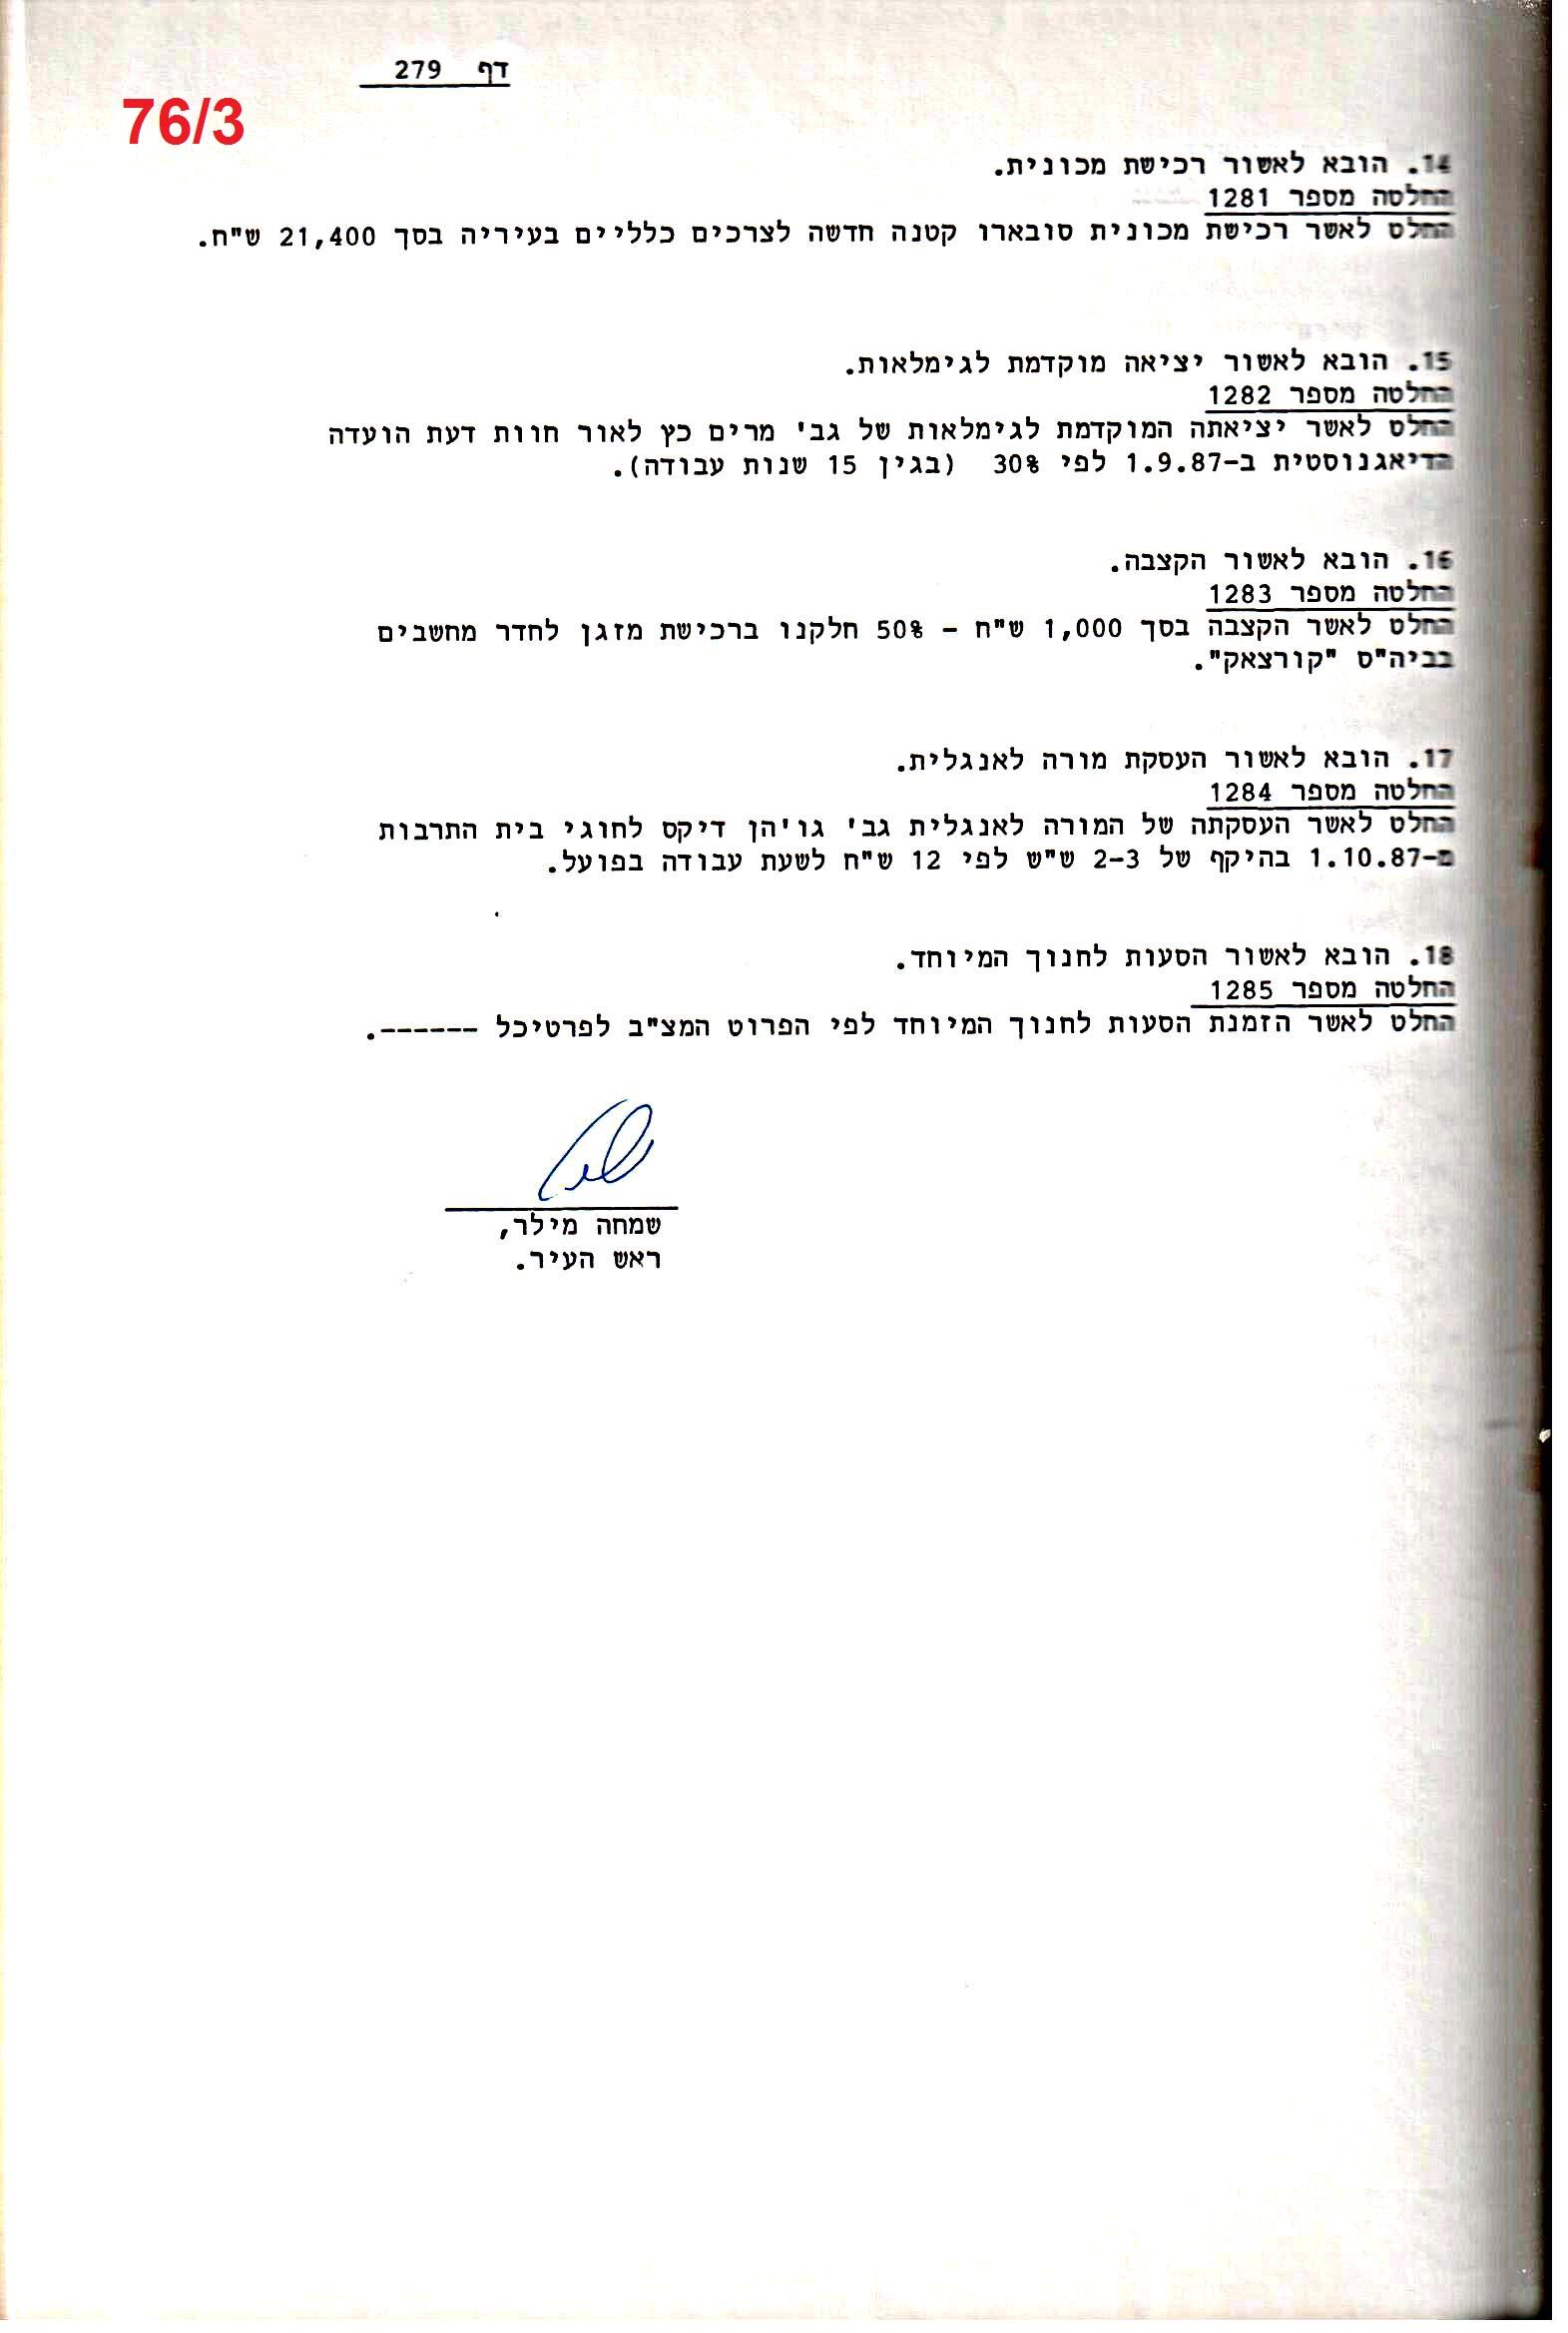 פרוטוקול 23 – ועדות – 22.2.89 – 27.4.87 כספים by riki deri - Illustrated by  מוזיאון בית גרושקביץ / כרך 23 - Ourboox.com